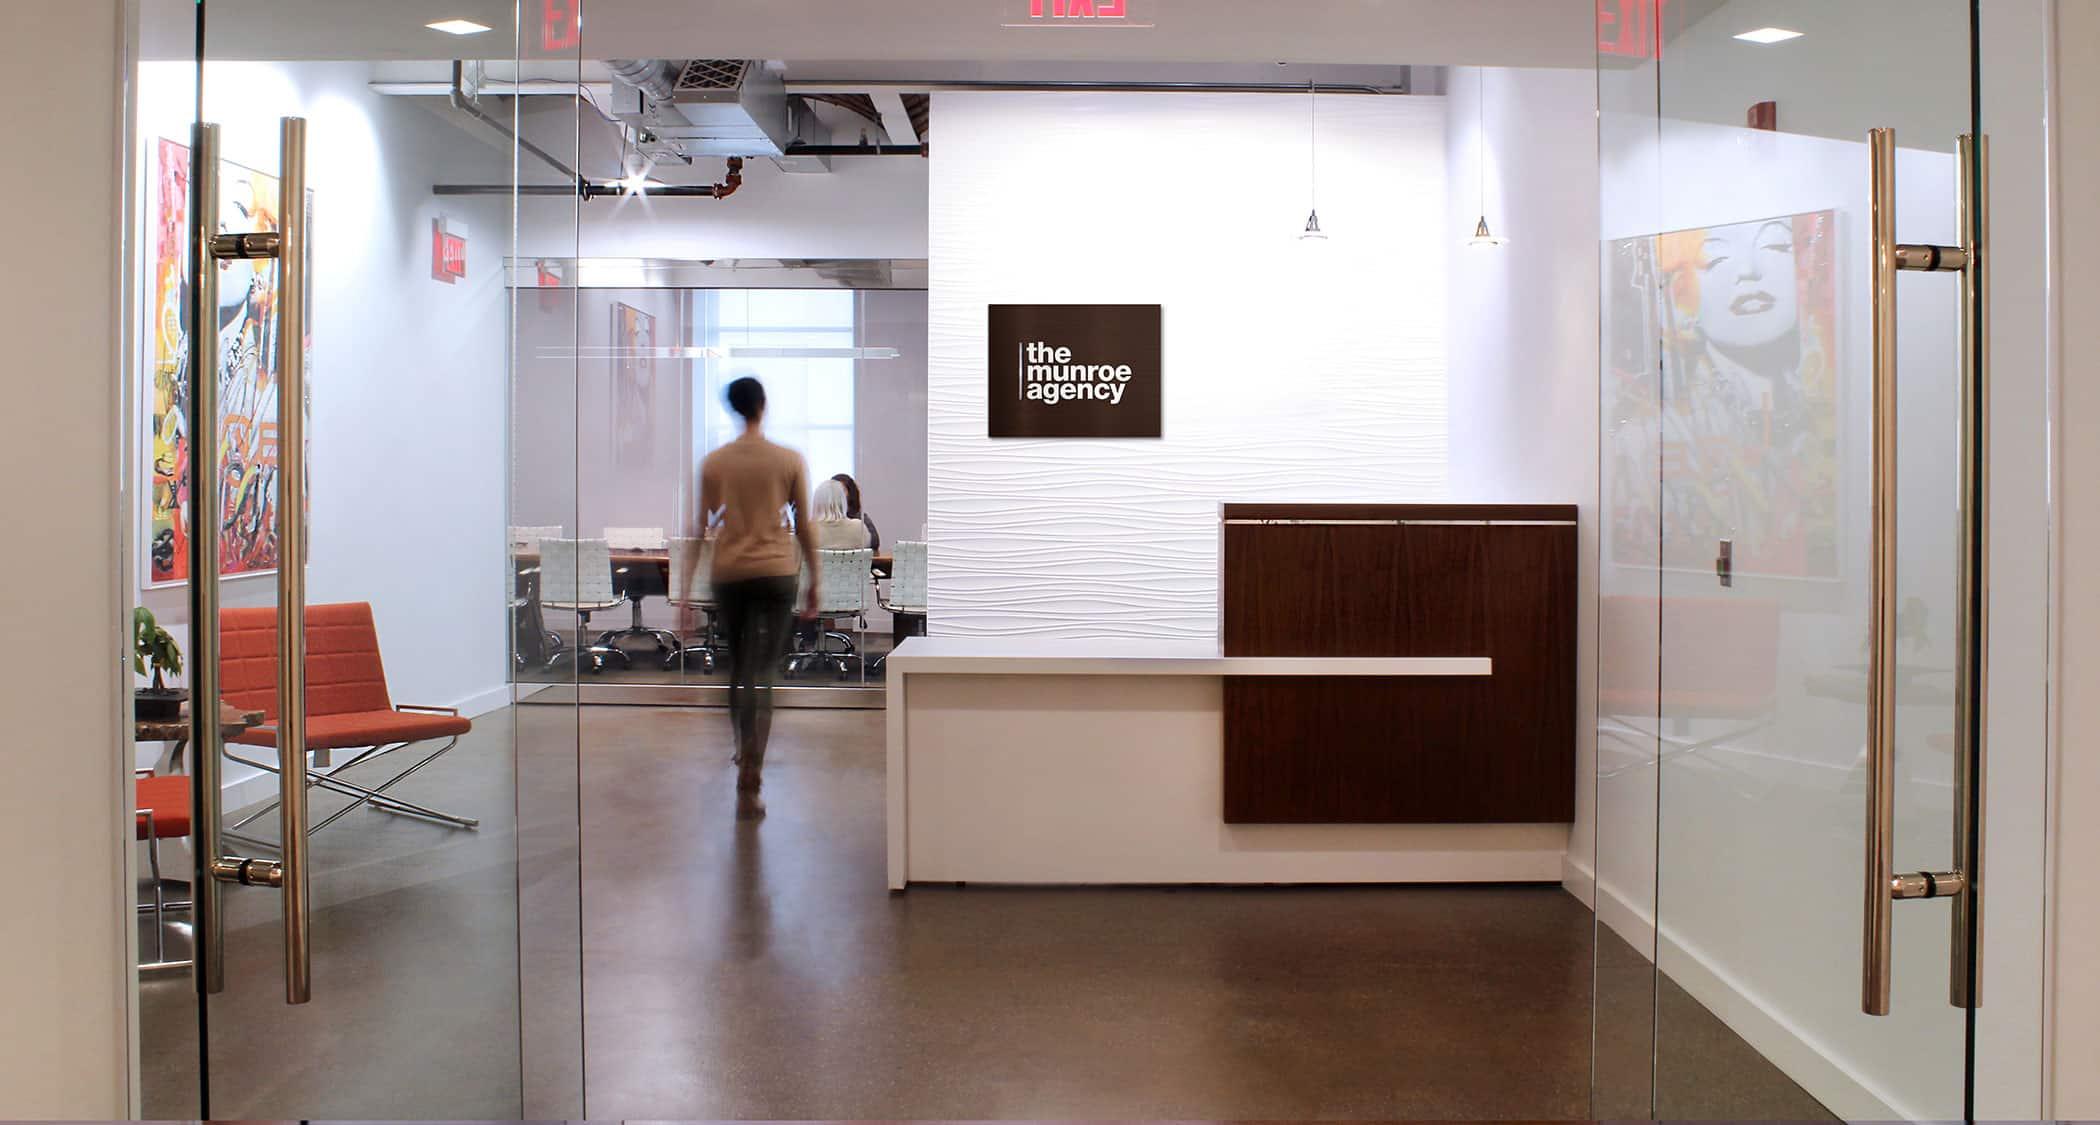 Munroe Branding Agency in Philadelphia